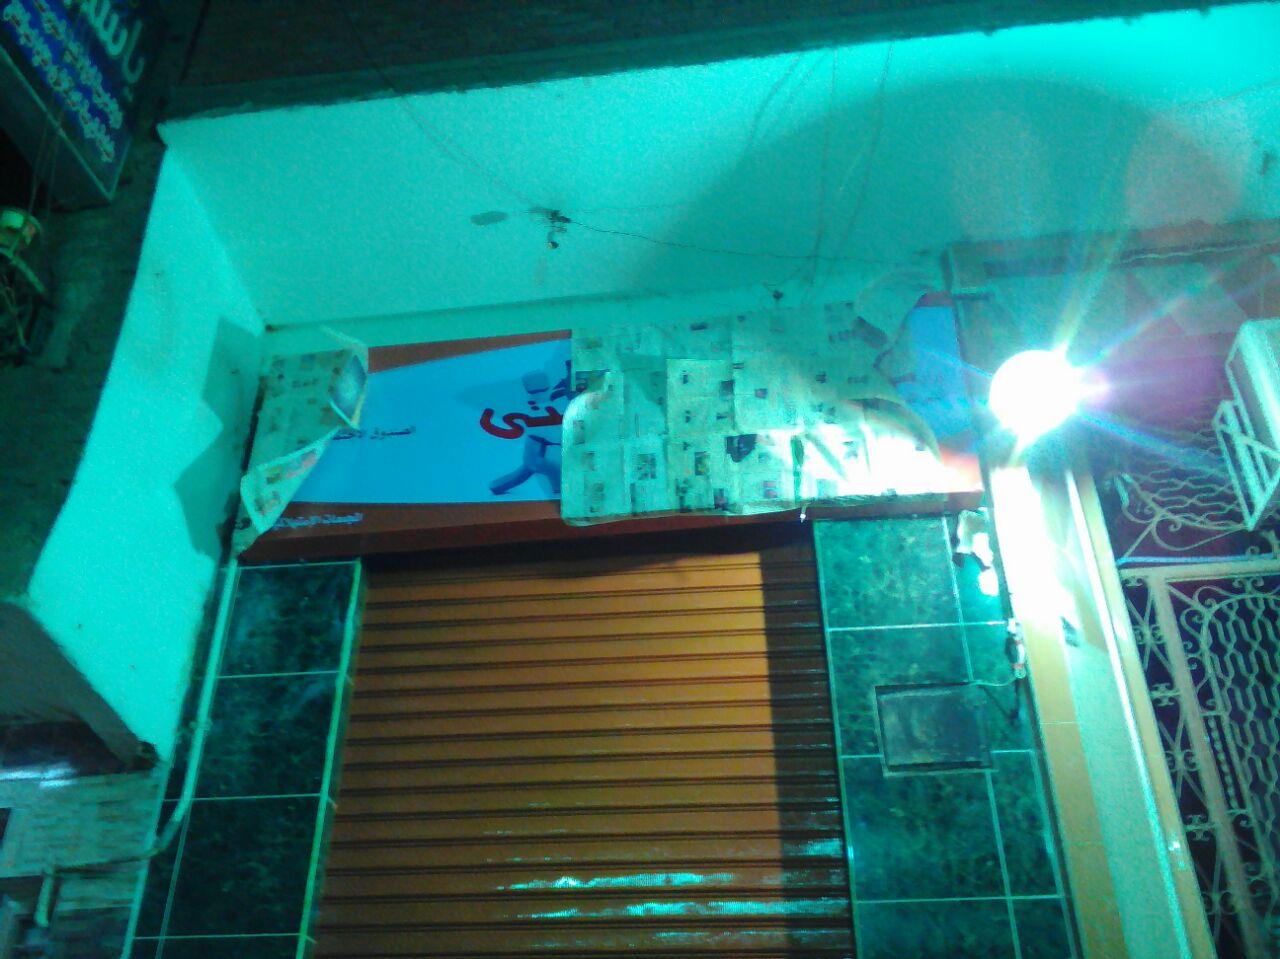 صورة لمحل البقالة التموينية بعدما جهزه هيثم في انتظار افتتاحه